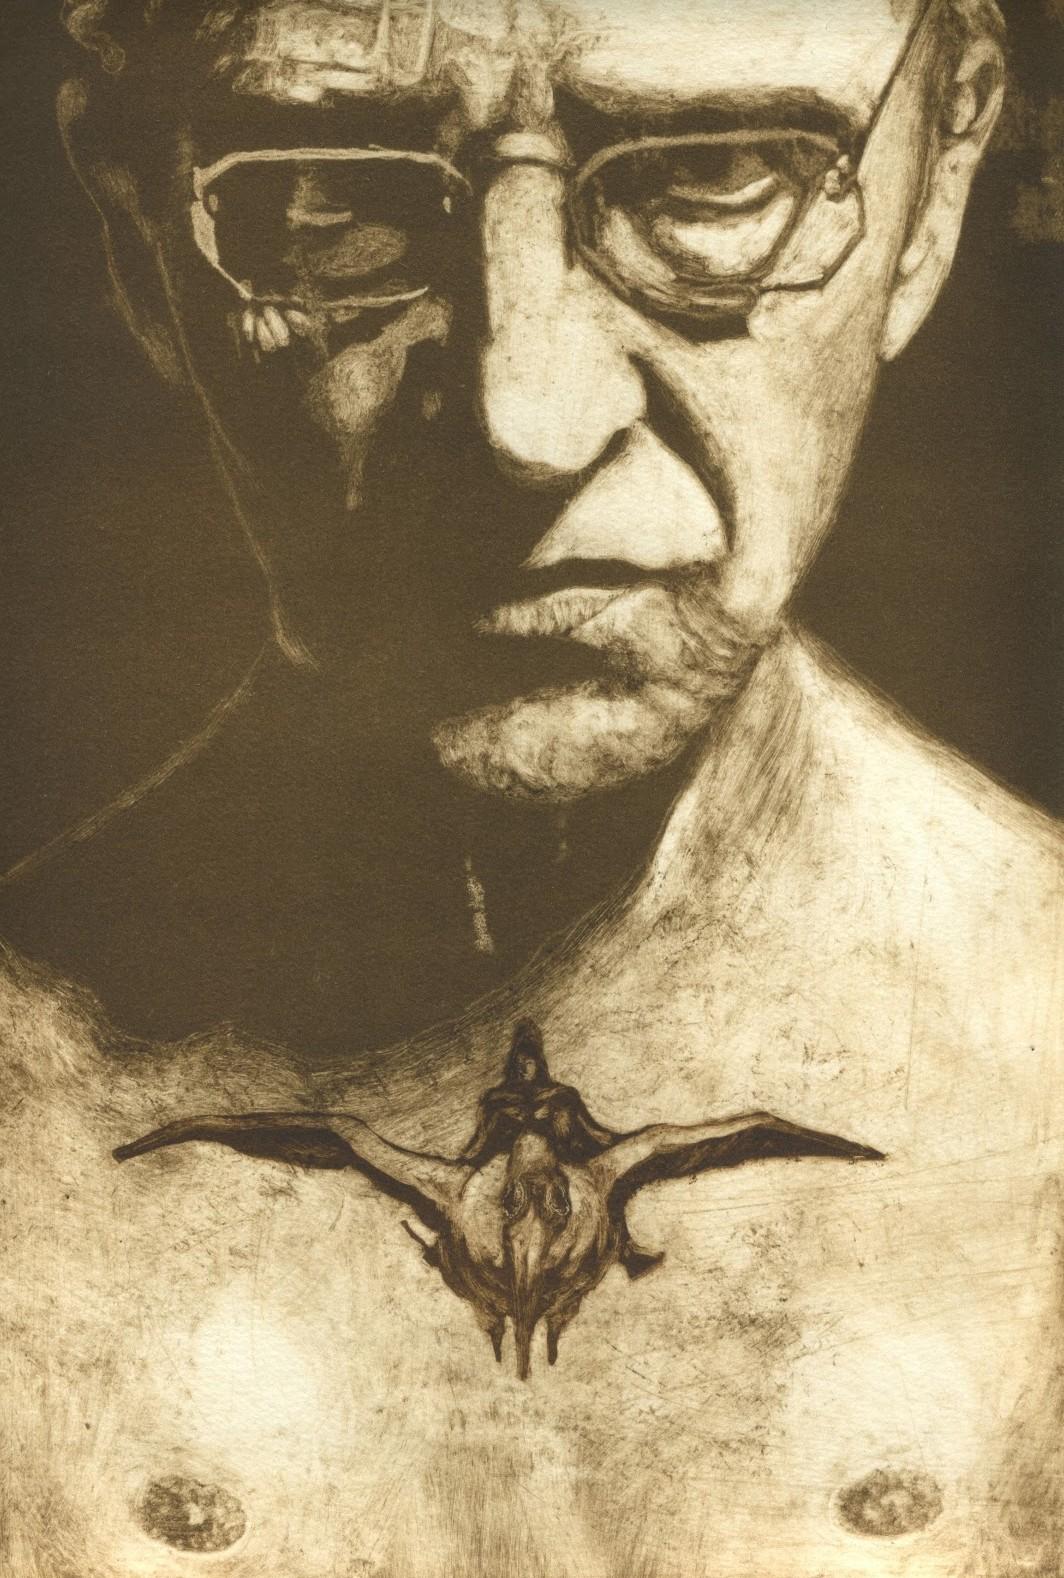 татуированные художники, Жан Жиро